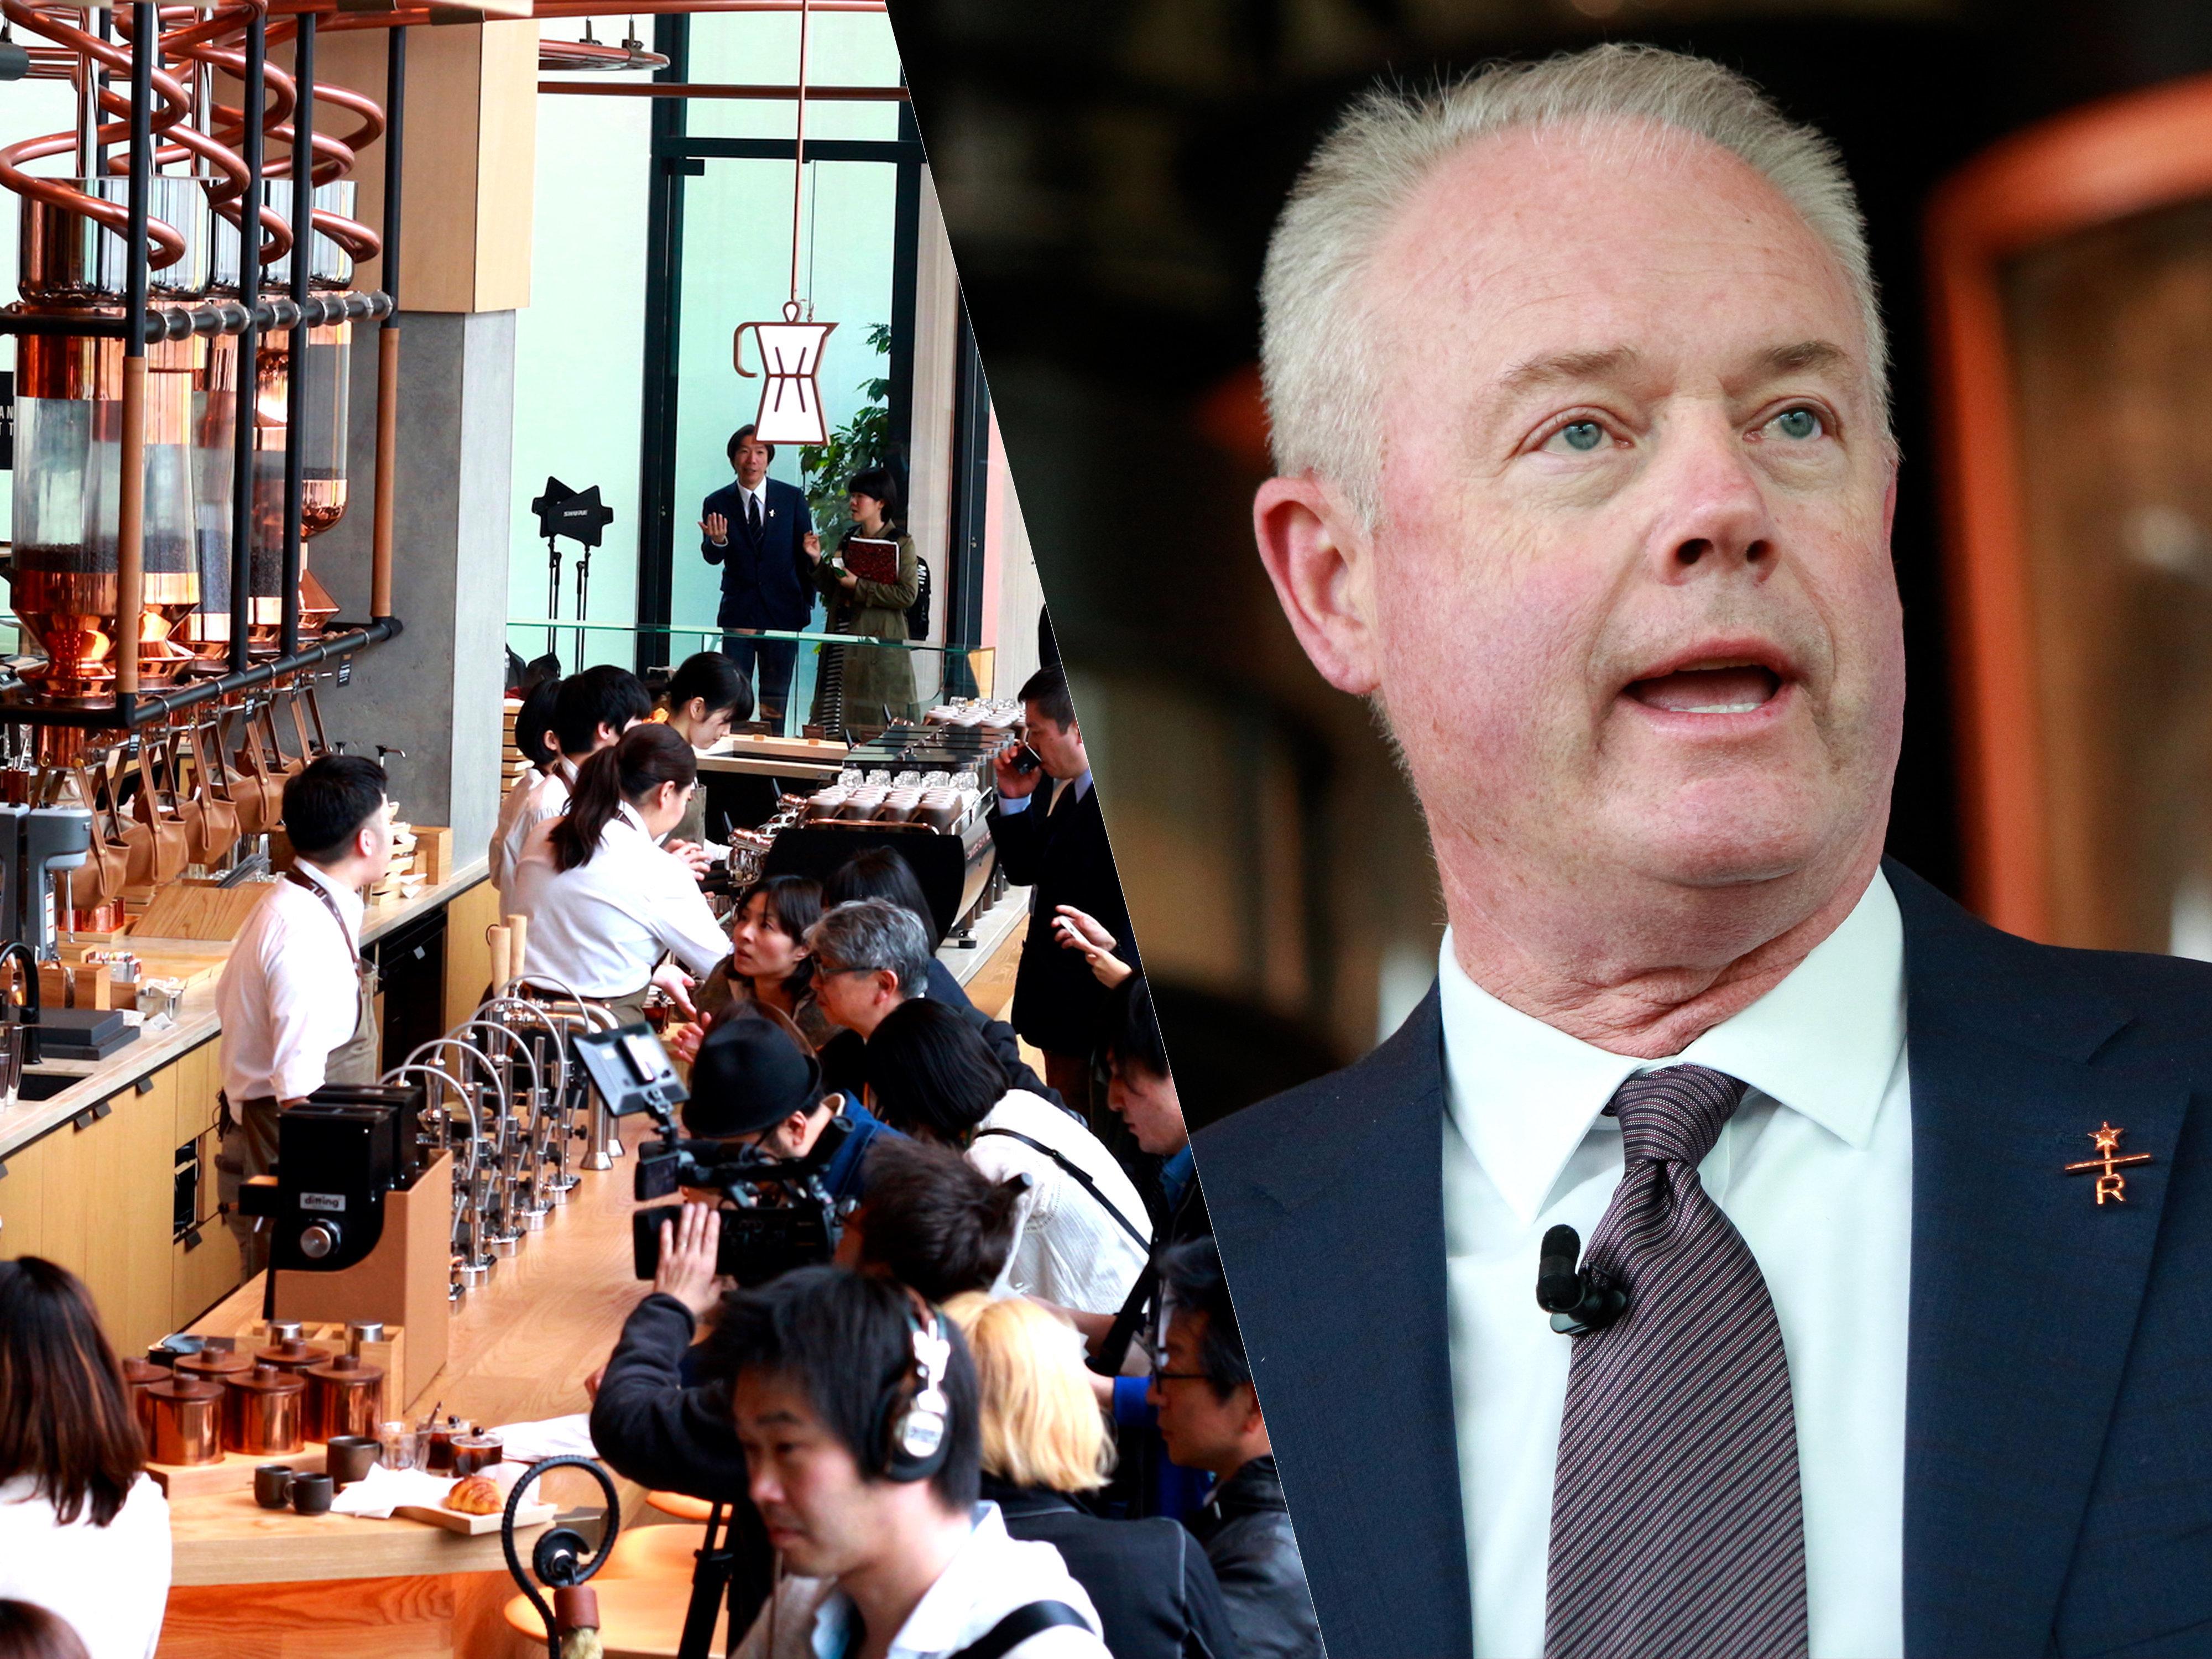 スターバックス リザーブ ロースタリー東京 / 米スターバックスのケヴィン・ジョンソン氏